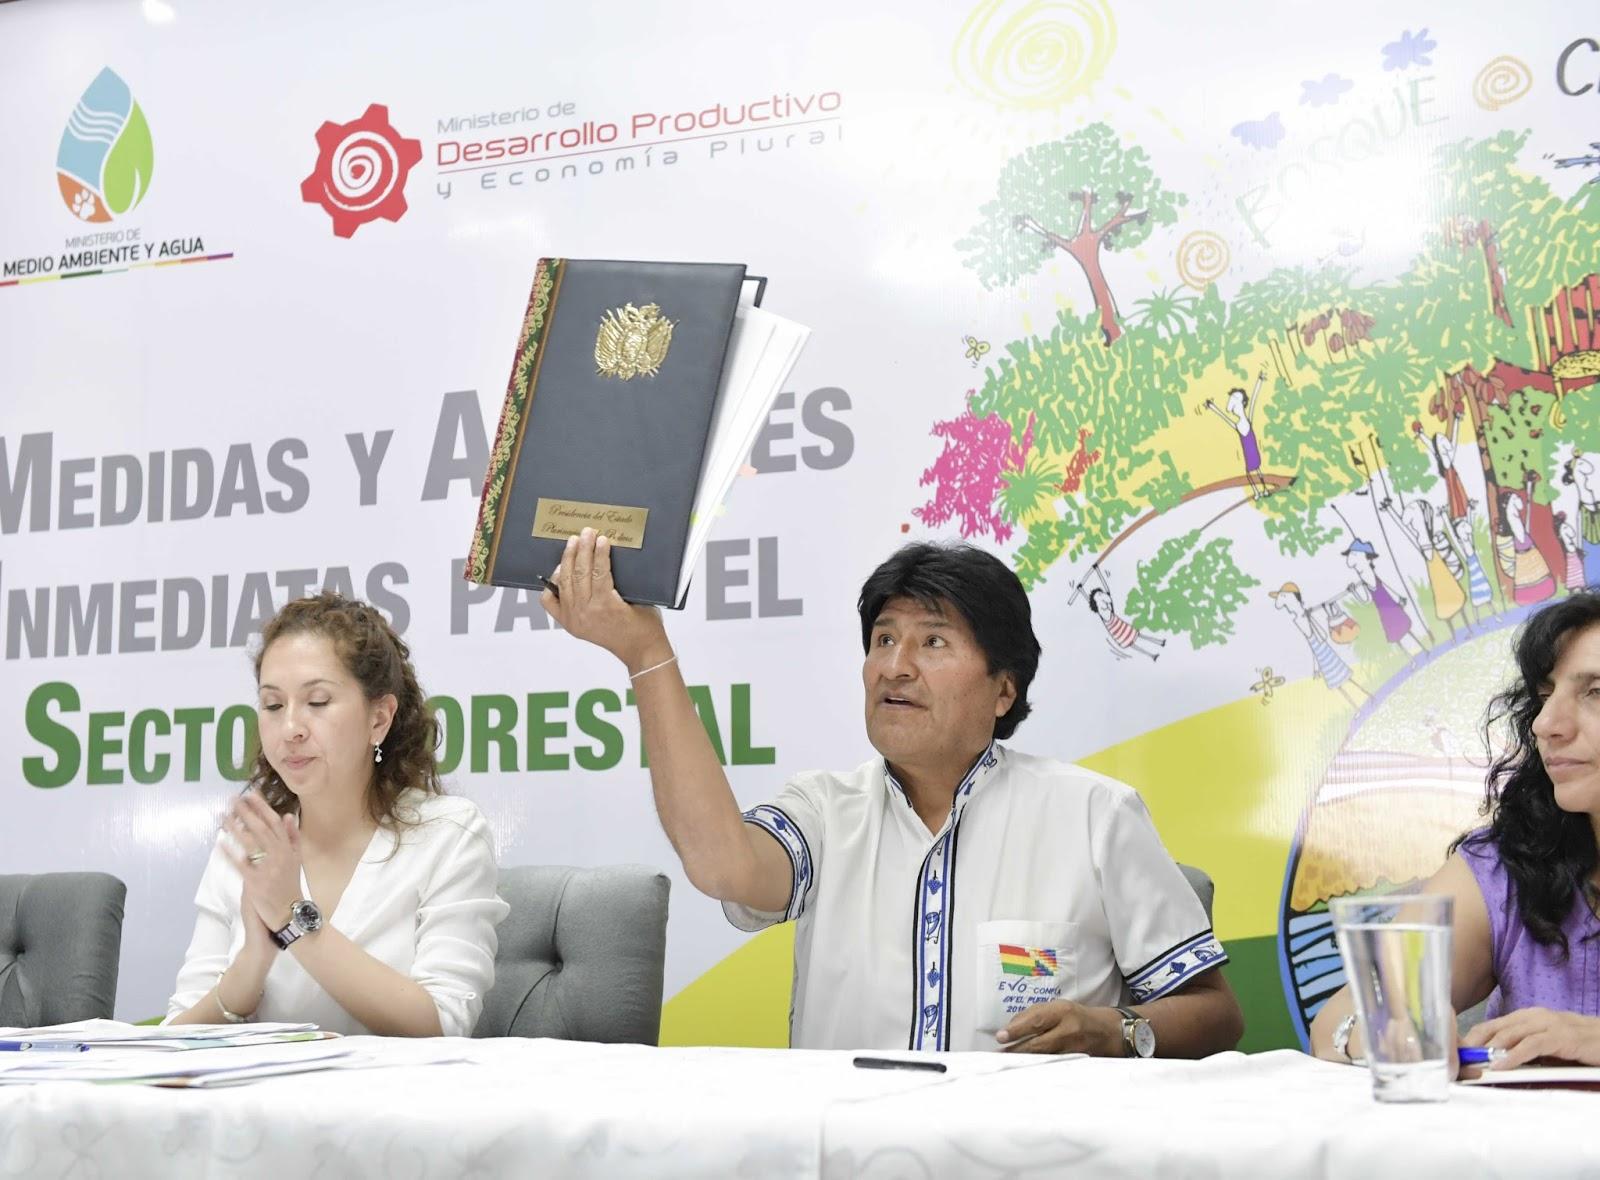 El presidente Evo Morales ha presentado cinco decretos que favorecen al sector forestal. Destaca del paquete de ayuda la constitución de un fideicomiso. Foto:noticiasdesdebolivia.blogspot.com